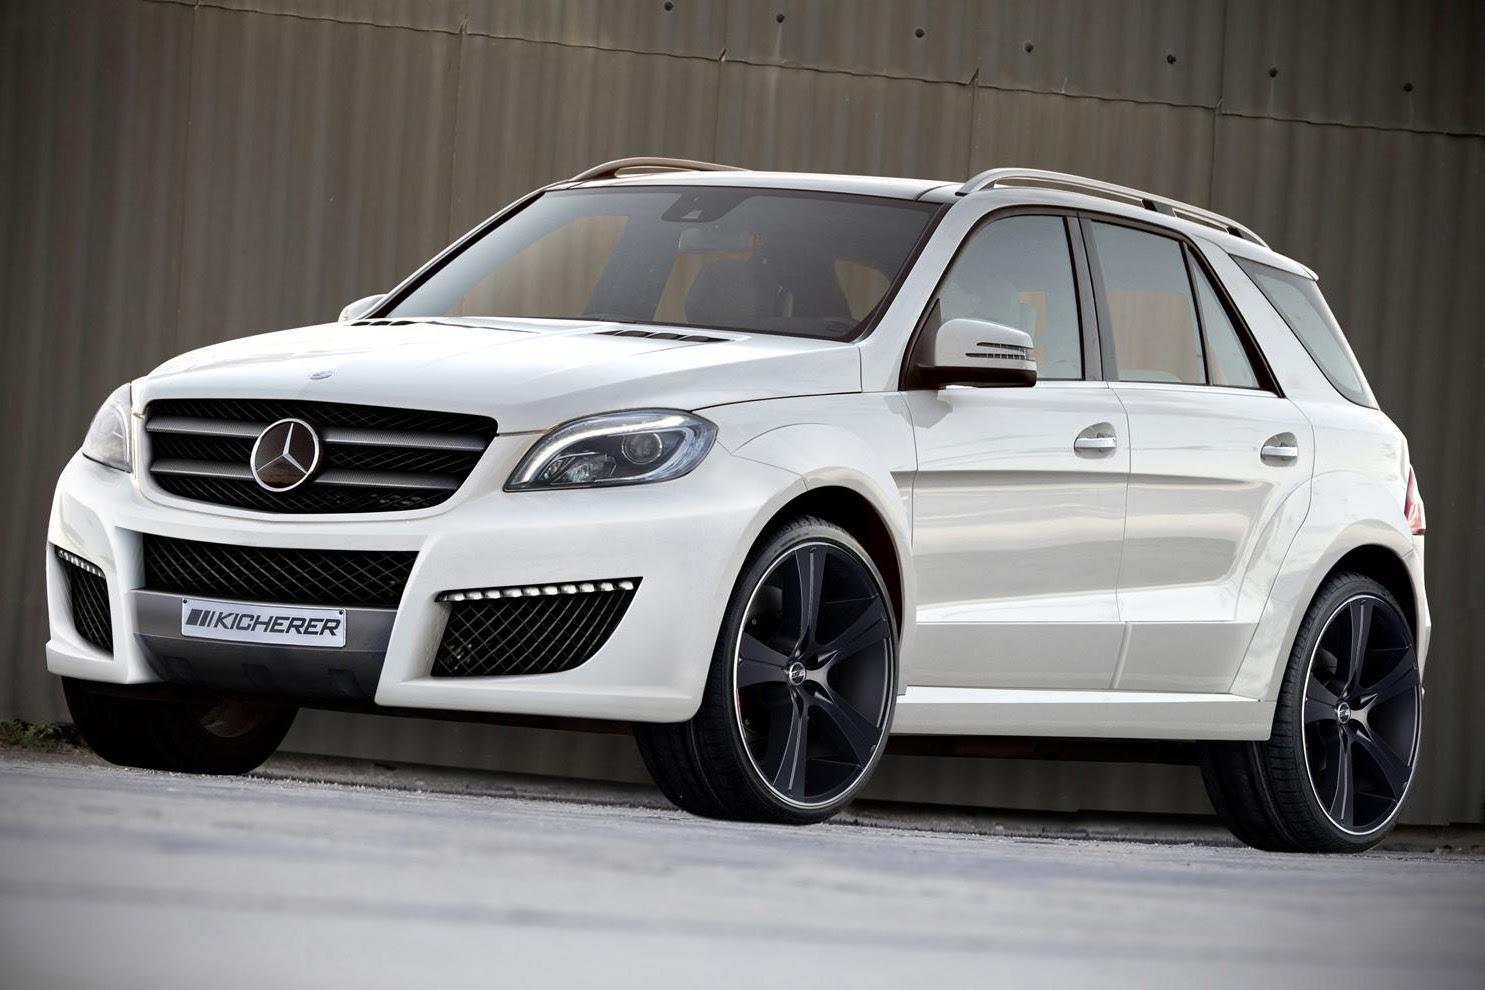 Kicherer Gives 2012 Mercedes Benz M-Class a New Look ...